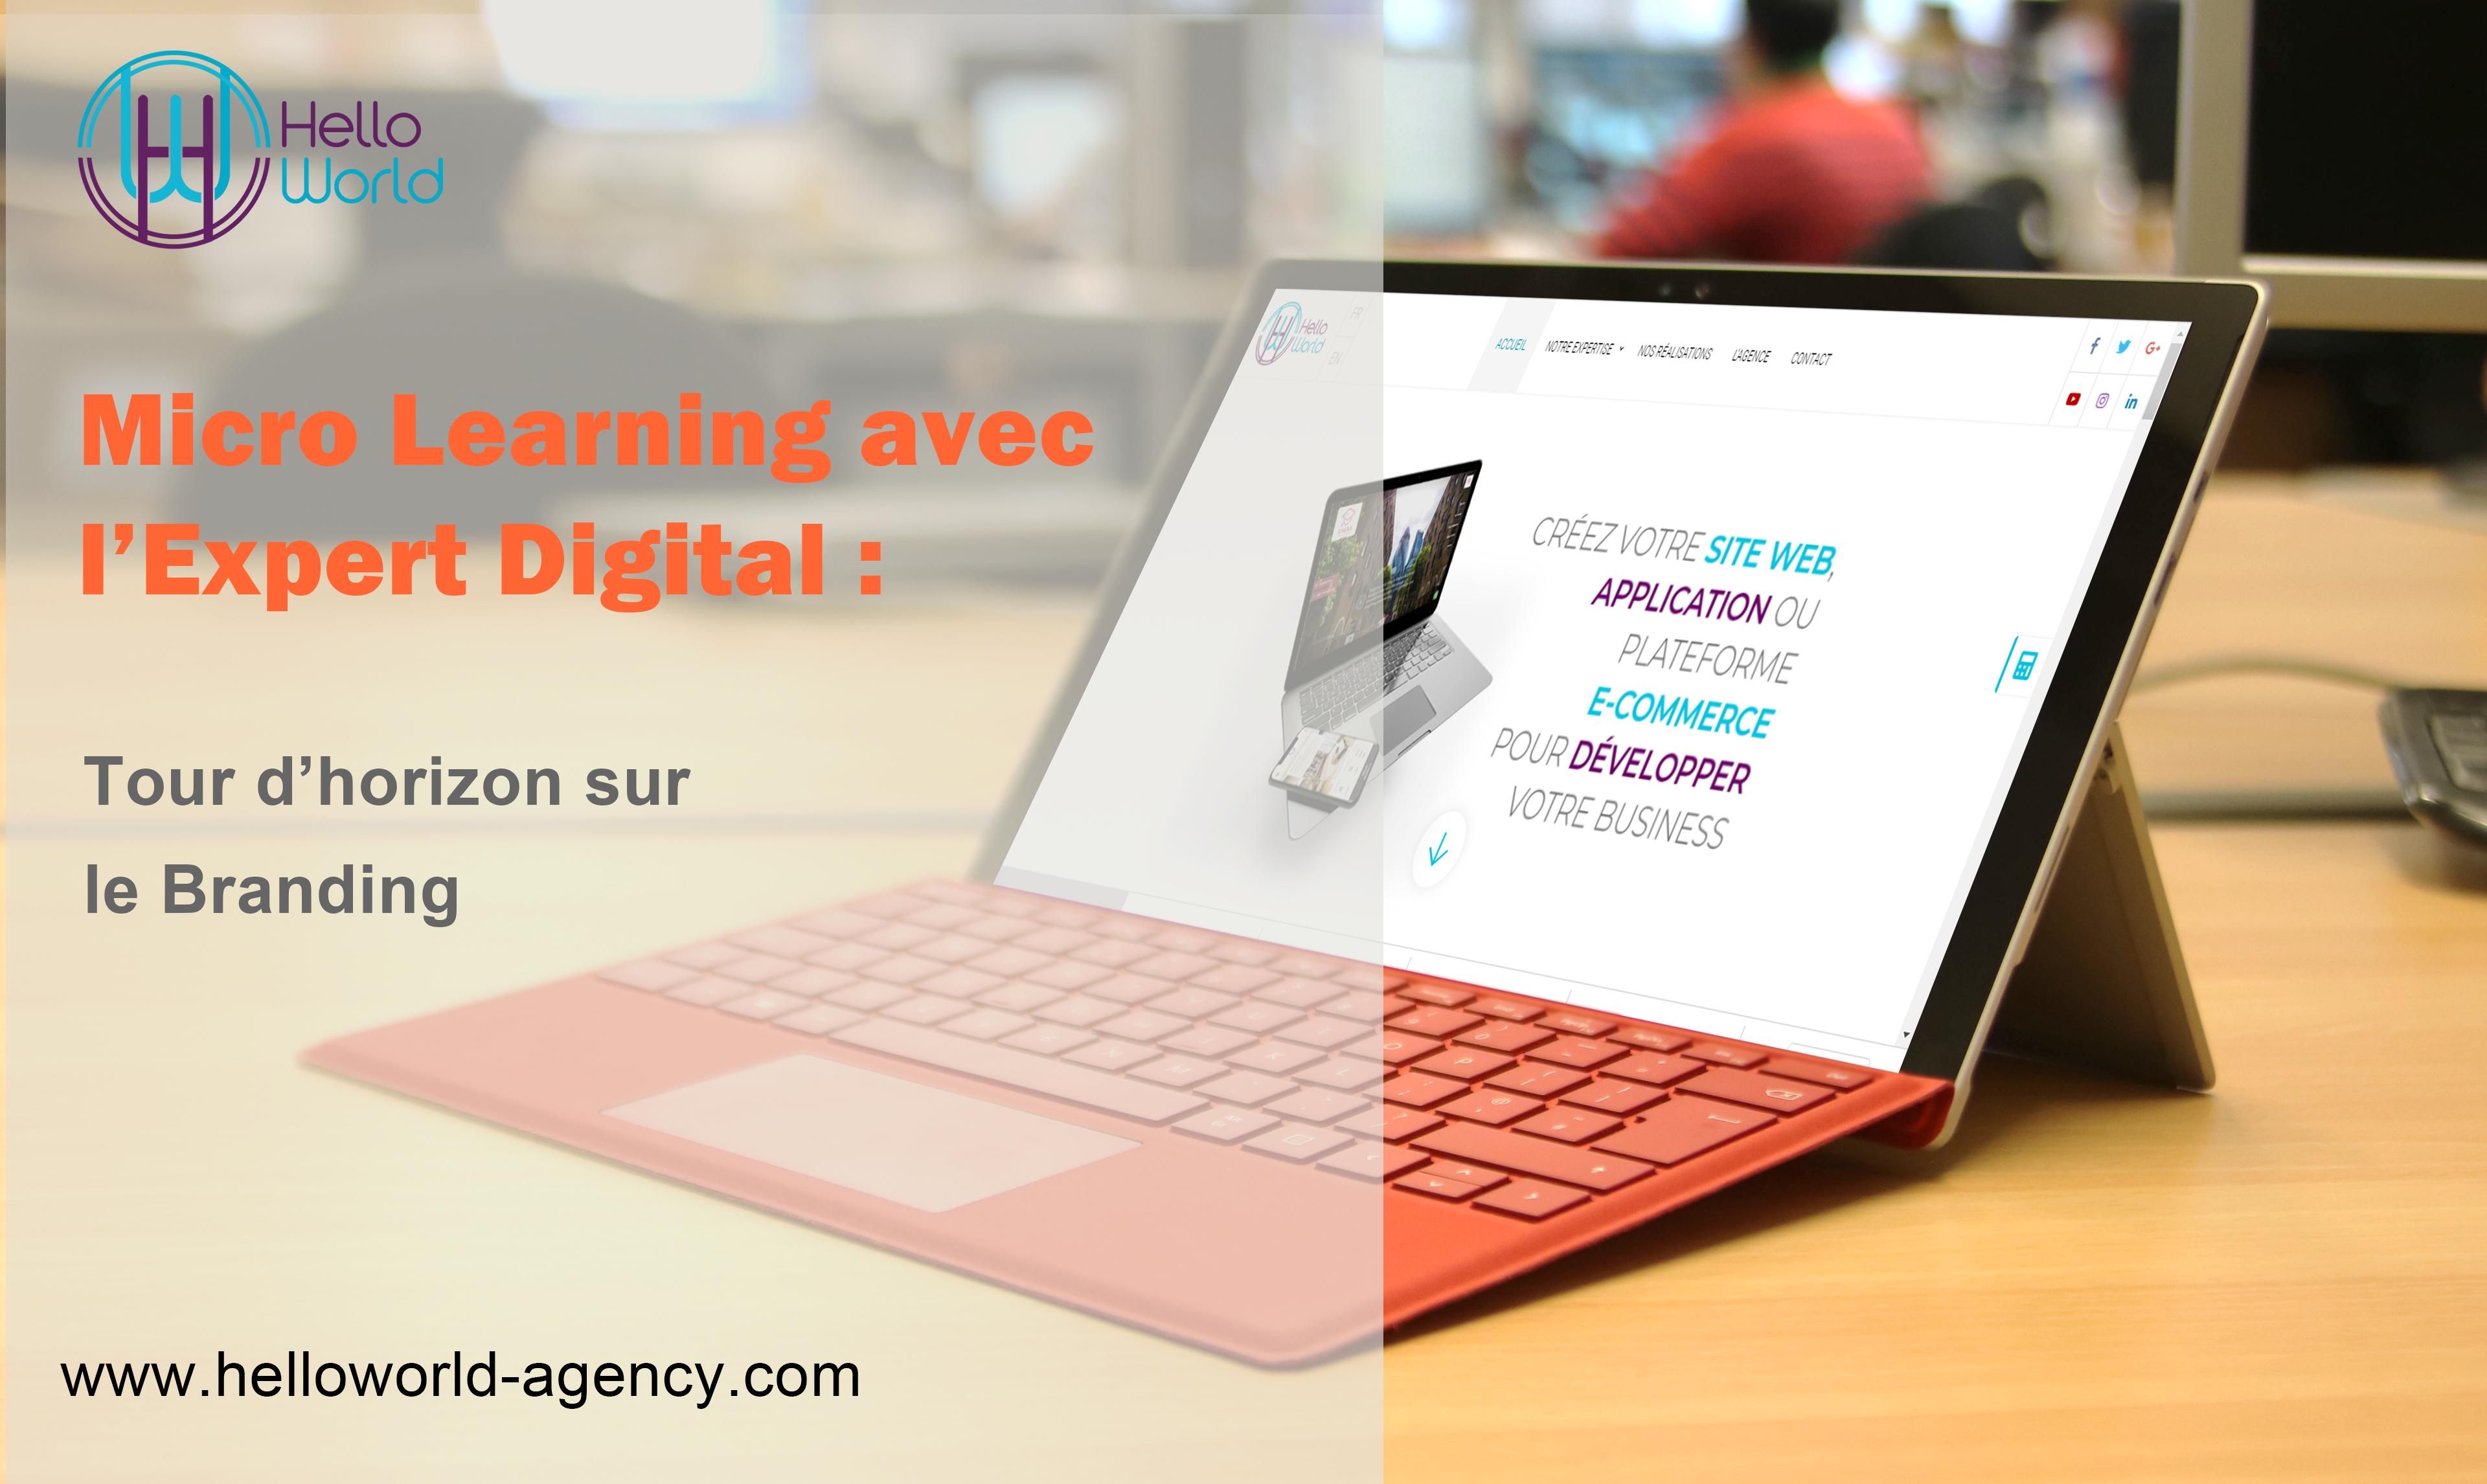 Micro Learning avec l'Expert Digital : Le branding